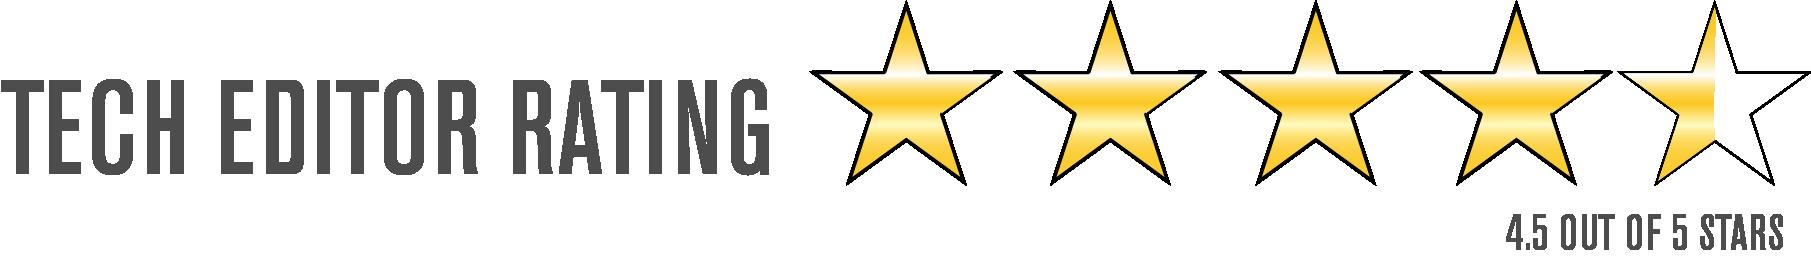 tech-review-matt-dollinger-kcm